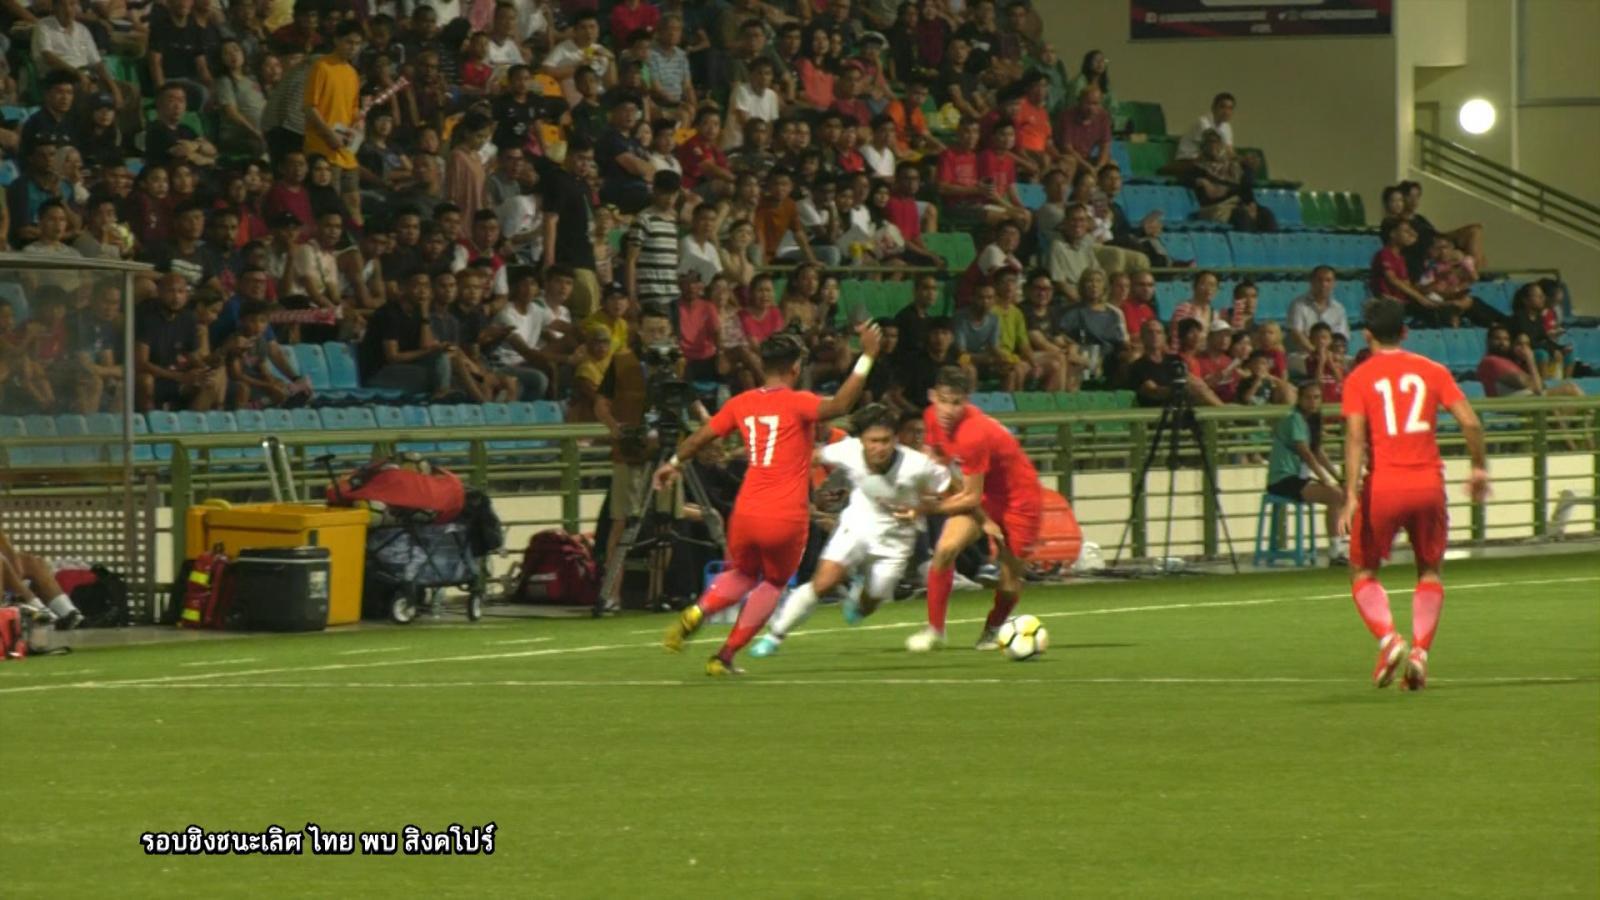 ไฮไลท์ Merlion Cup 2019 | ทีมชาติสิงคโปร์ 1 - 0 ทีมชาติไทย | 9 มิ.ย. 62